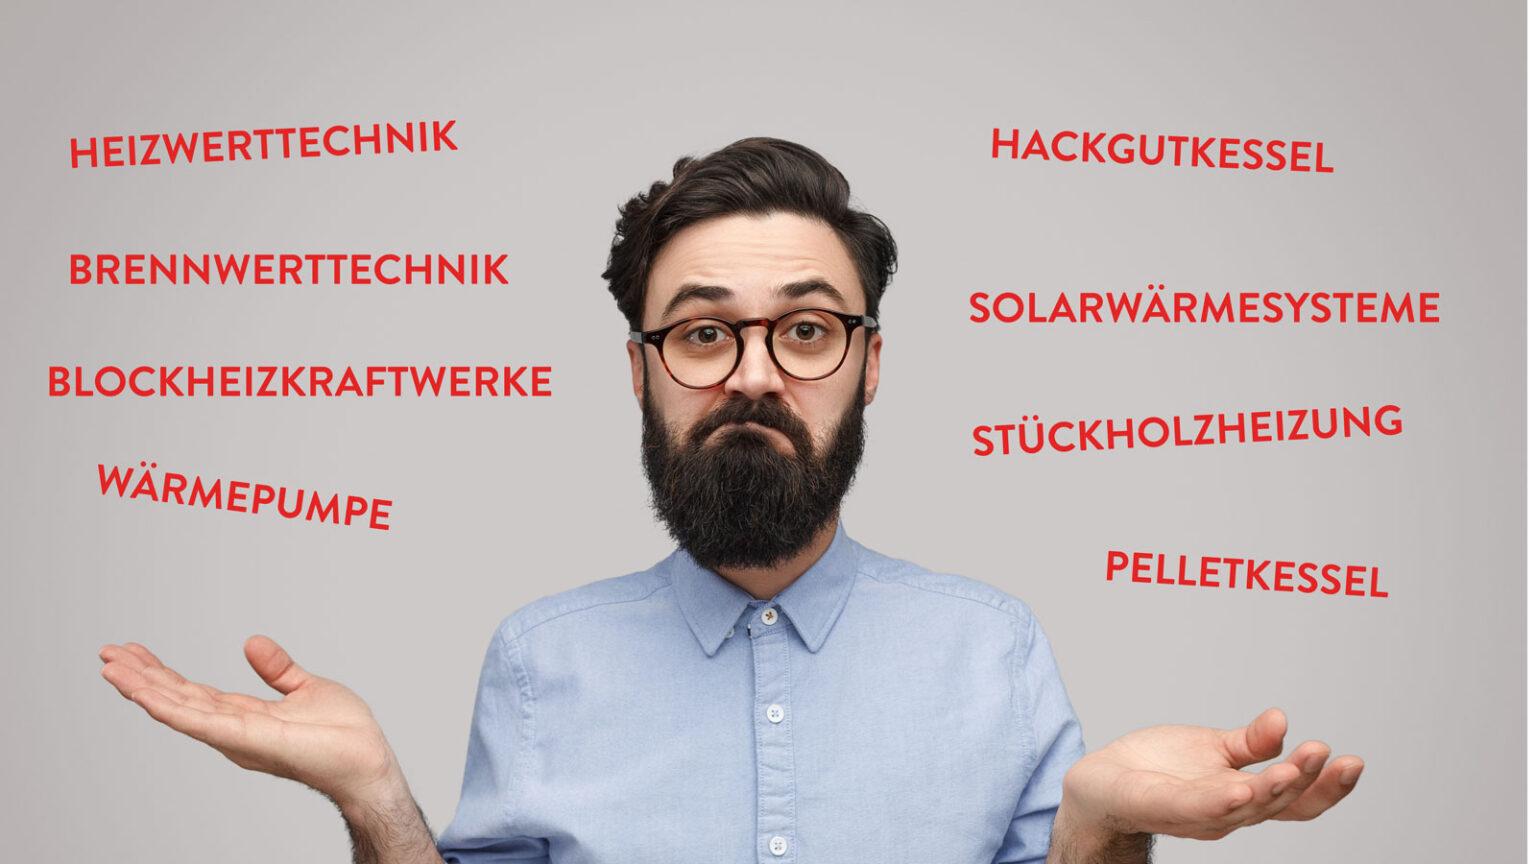 Welche Heizung wählen? Solarwärme oder Peletkessel oder Hackgutkessel oder Wärmepumpe oder Erdgas?